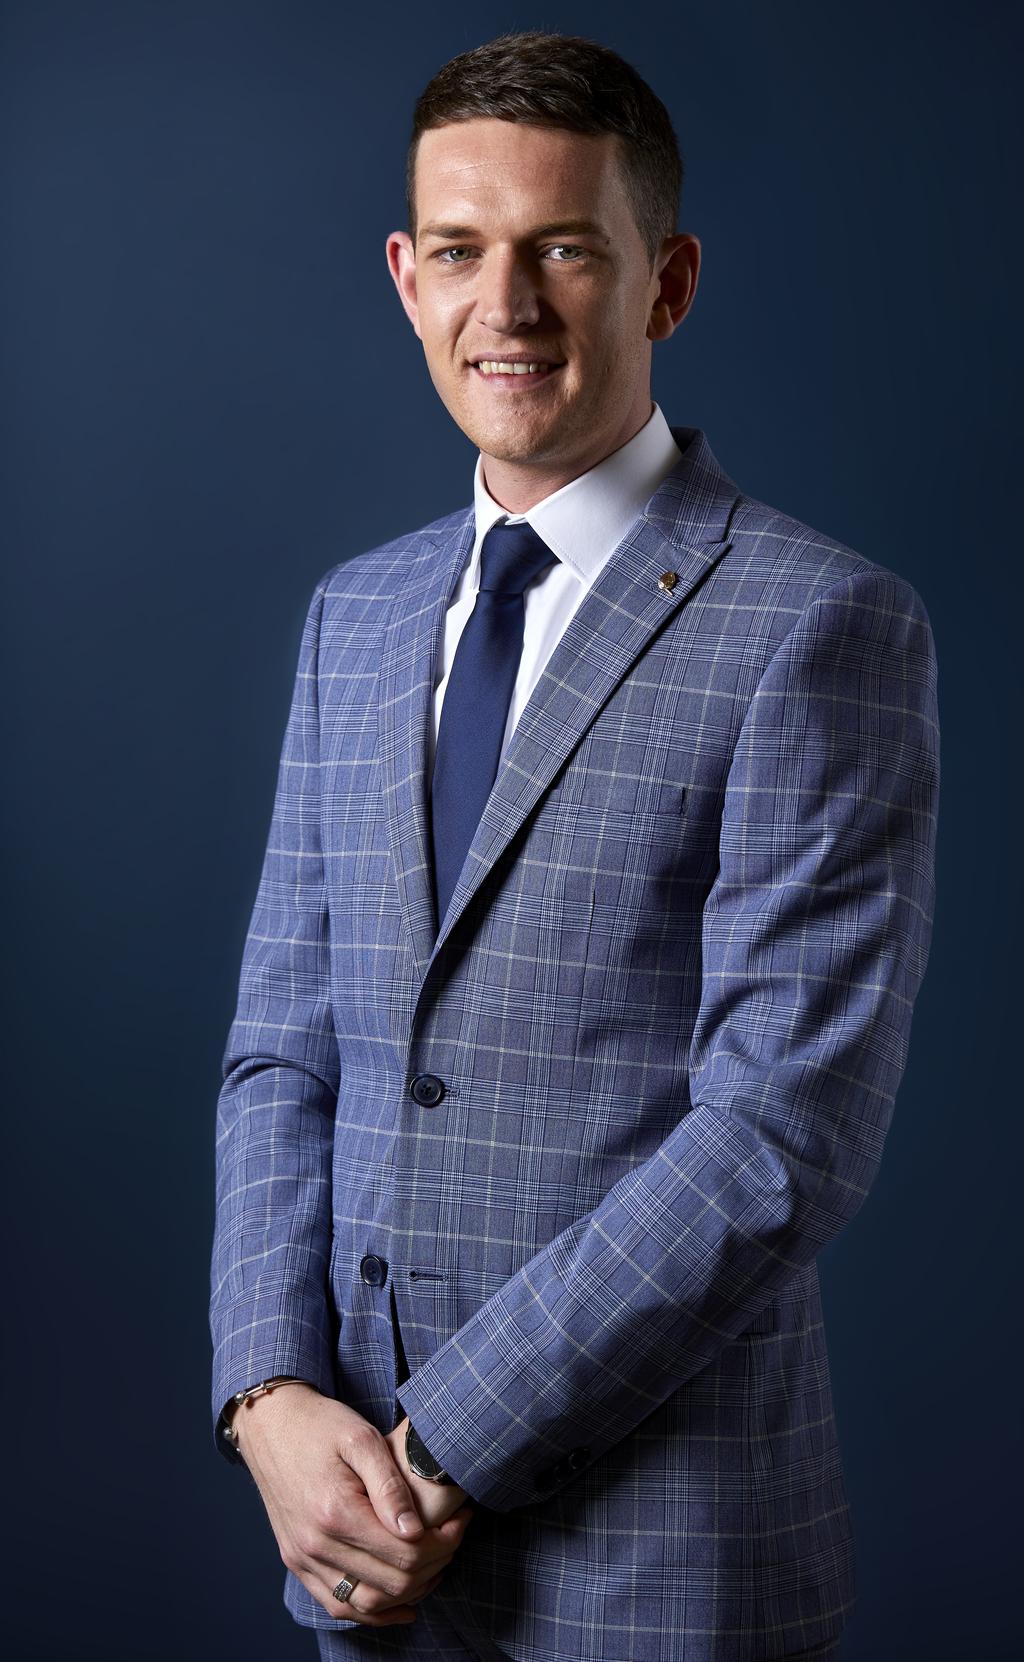 Liam Hatcher